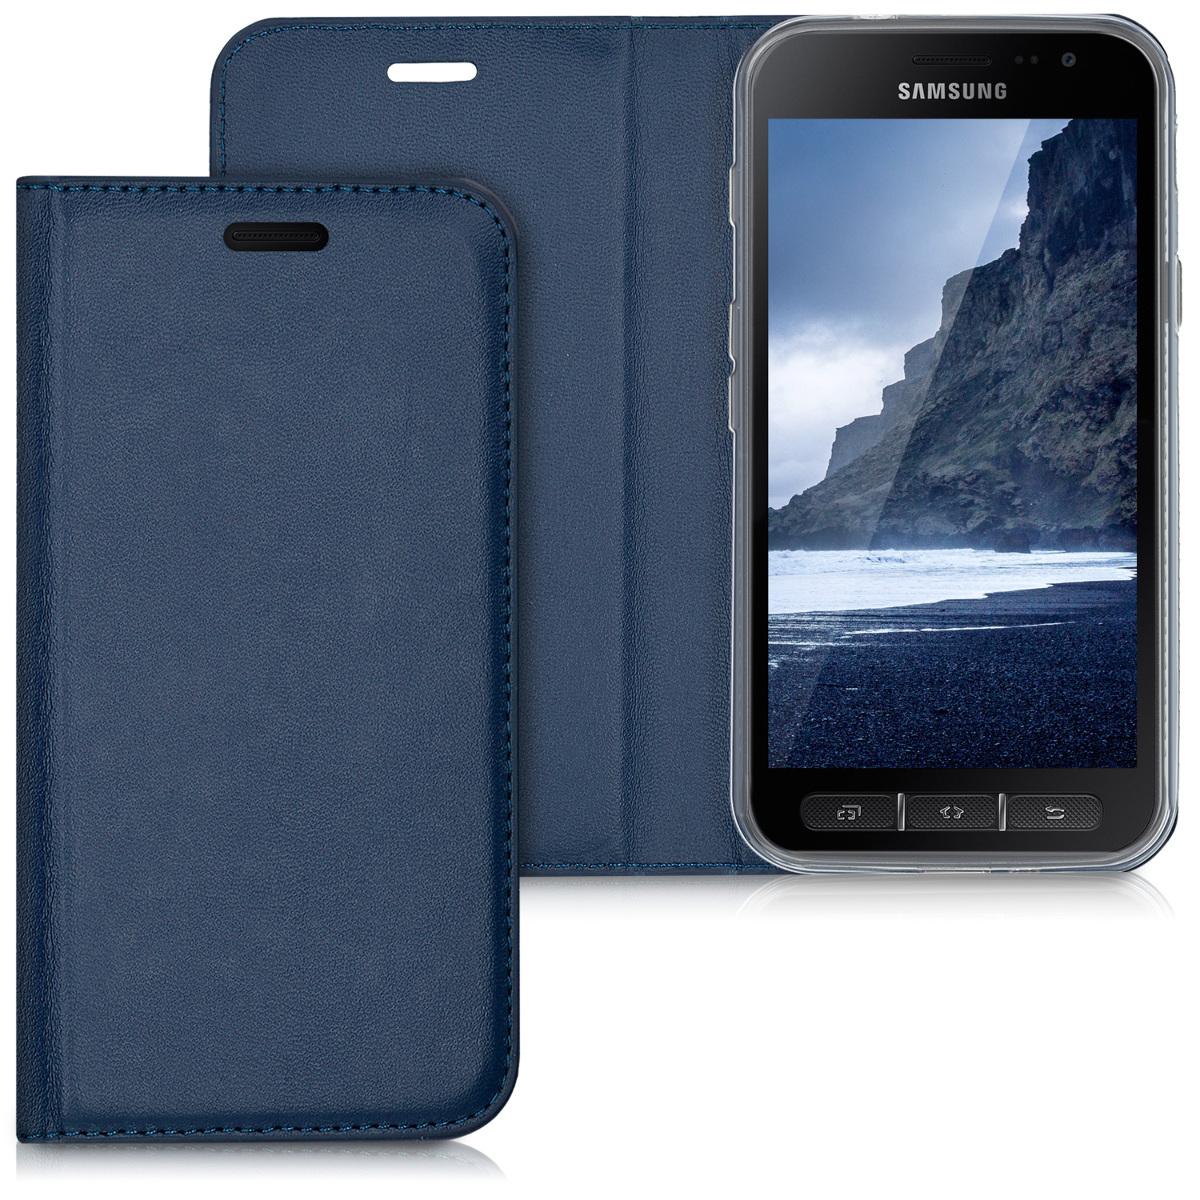 KW Θήκη Flip Samsung Galaxy Xcover 4 - Dark Blue (41170.17)